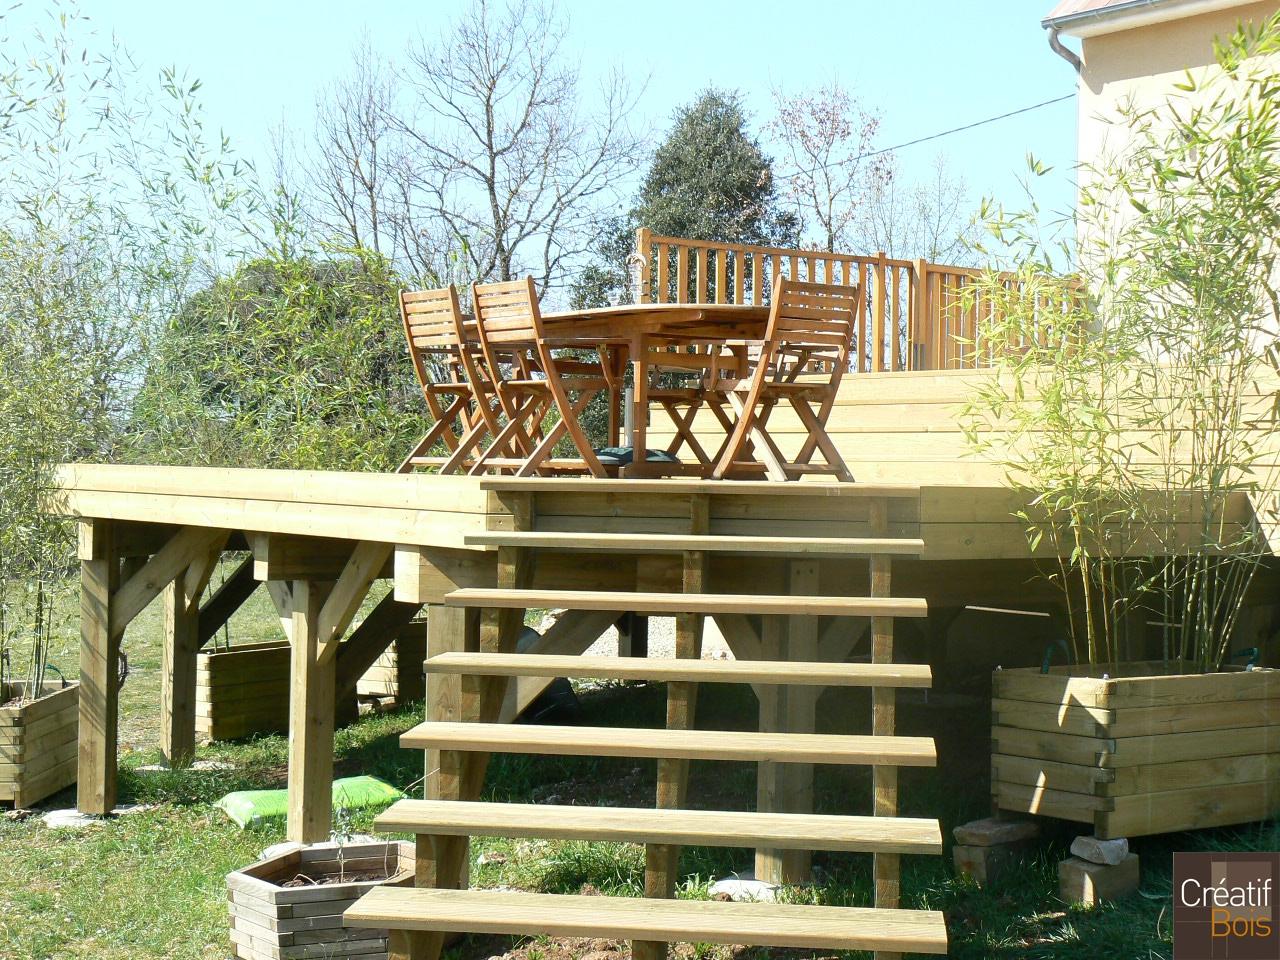 terrasse bois en hauteur avec escalier d acc s chasteaux. Black Bedroom Furniture Sets. Home Design Ideas